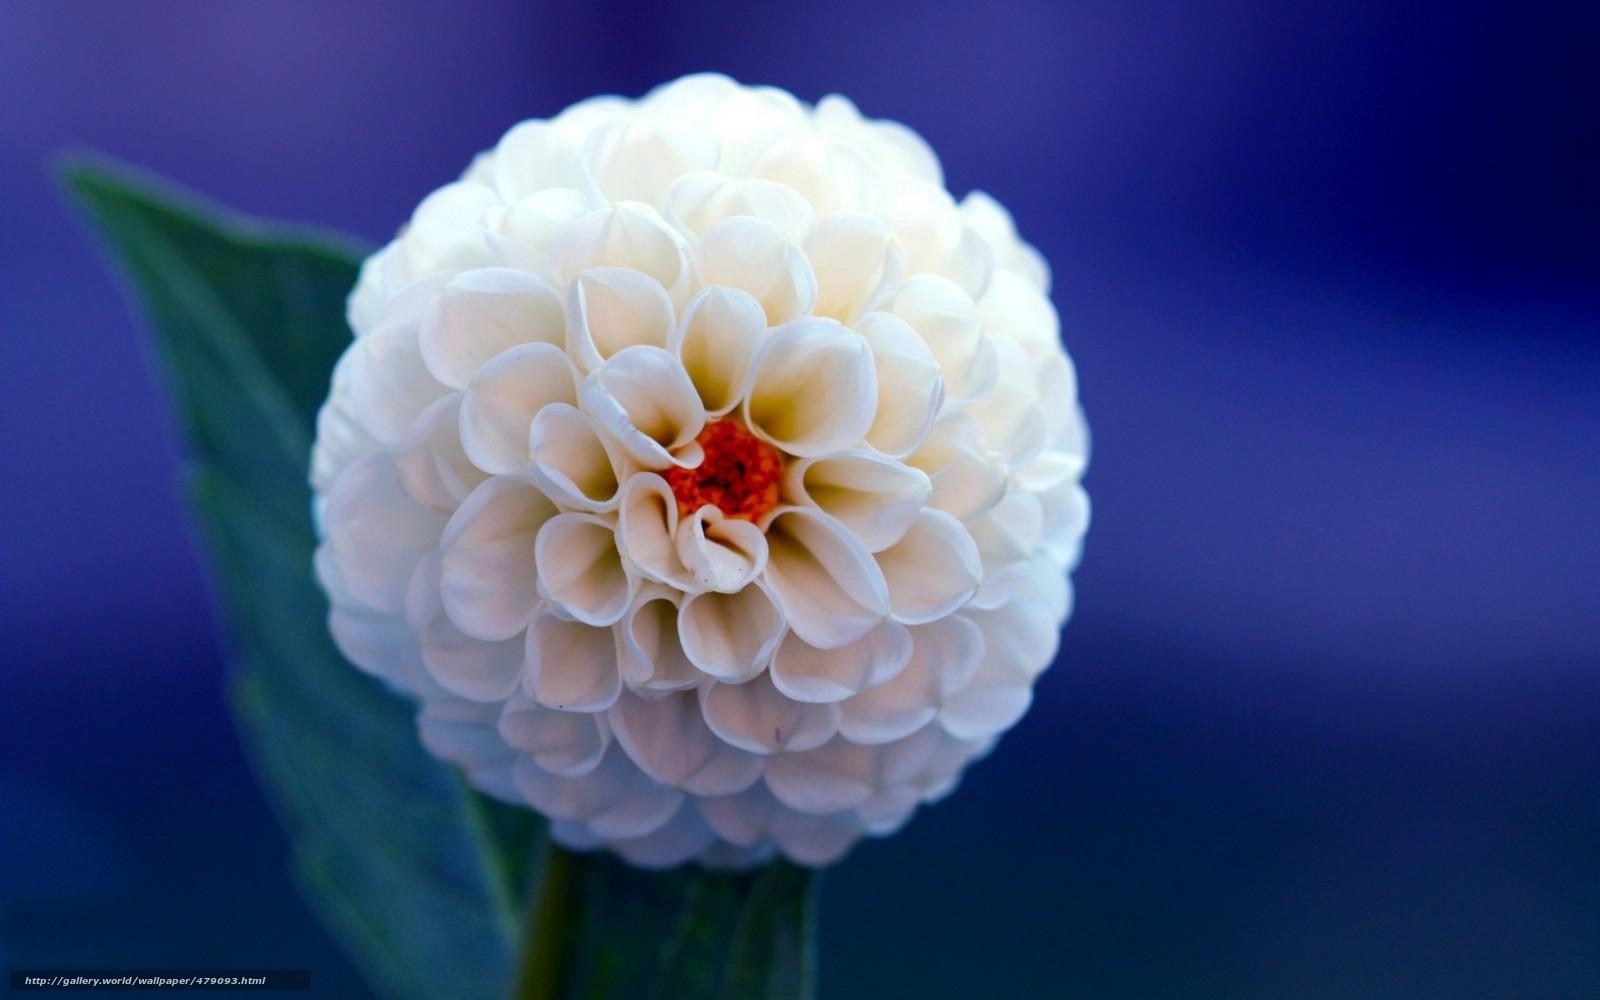 Скачать обои георгин,  цветок,  белый,  синий бесплатно для рабочего стола в разрешении 1680x1050 — картинка №479093